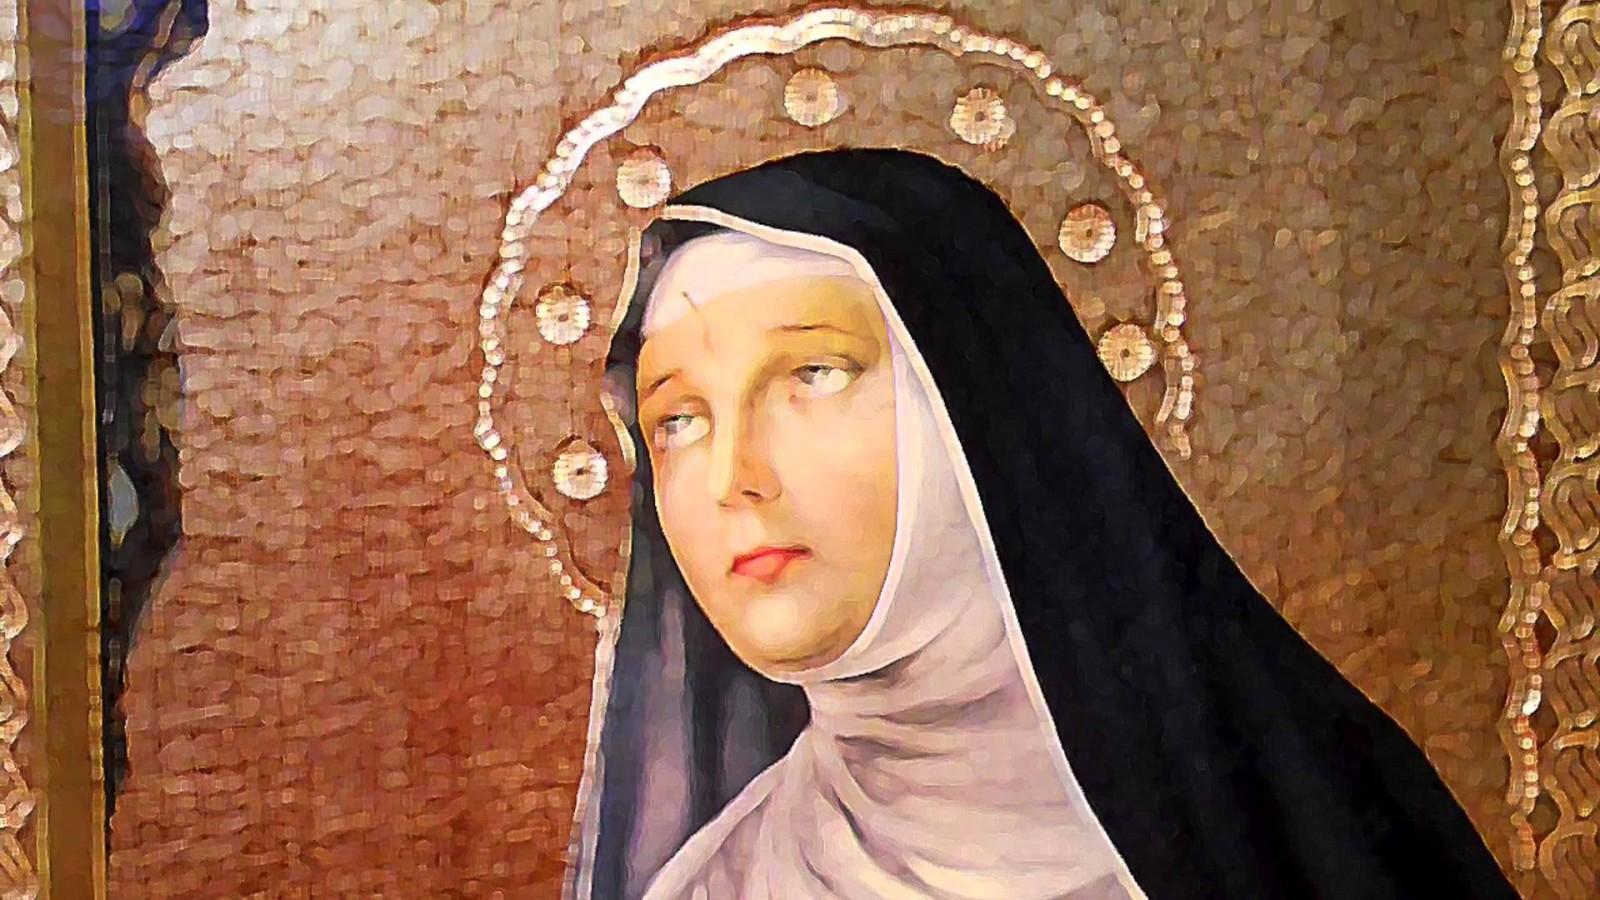 الفن يكشف اللحظة الصادمة والمؤثرة في وثائقي القديسة ريتا